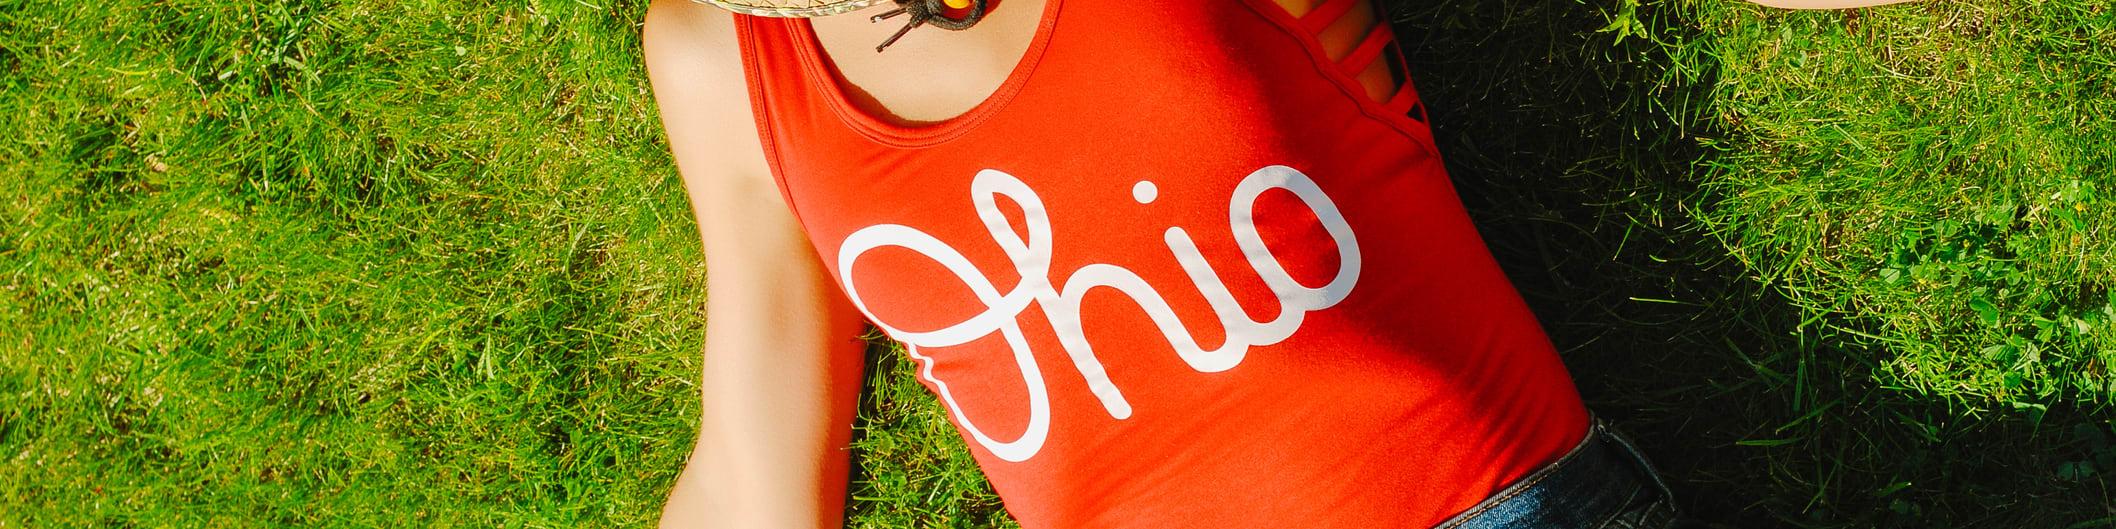 woman wearing Ohio shirt